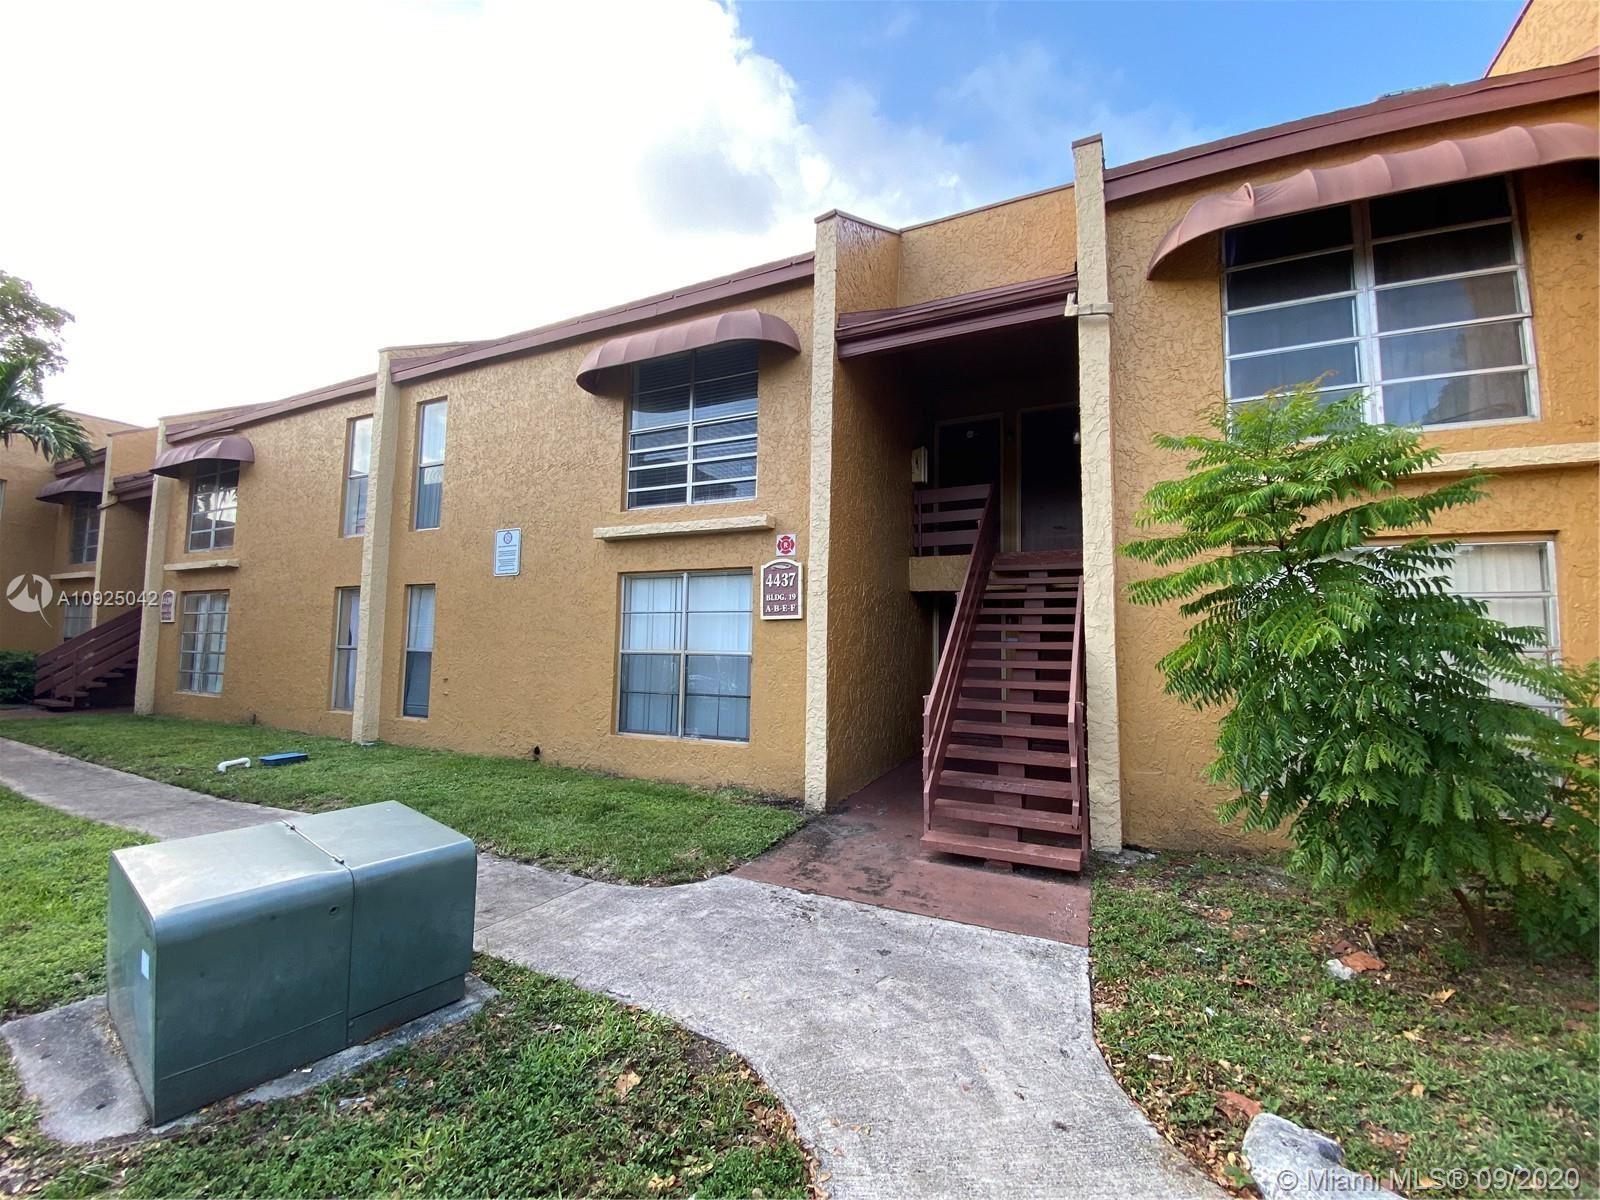 4437 Treehouse Ln #F, Tamarac, FL 33319 - #: A10925042